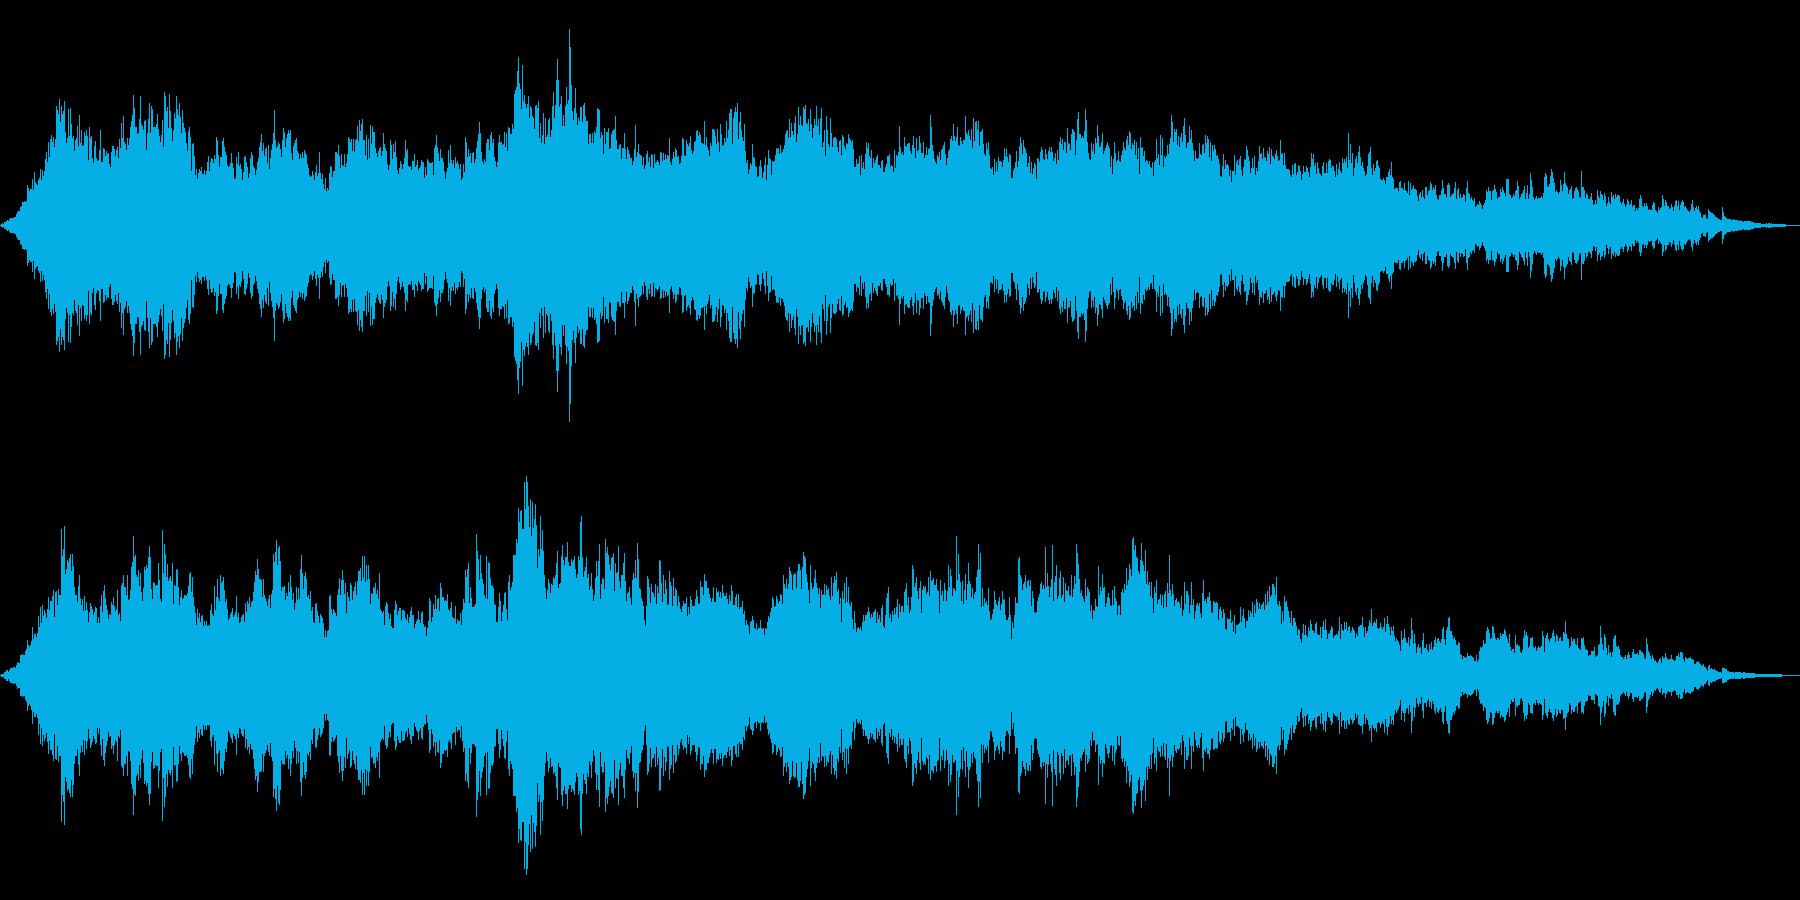 さざ波をイメージしたヒーリングサウンドの再生済みの波形